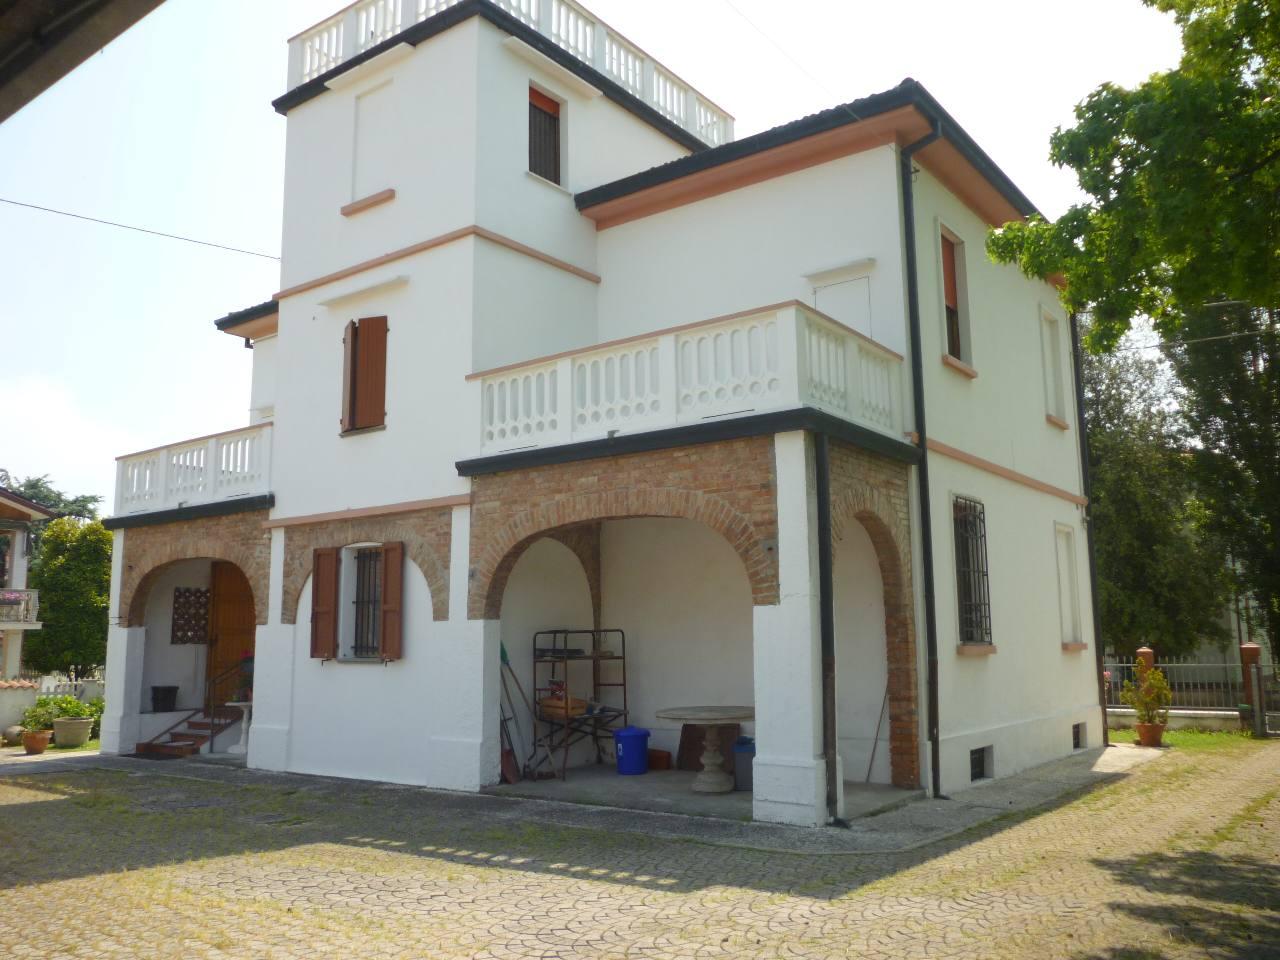 Villa in vendita a Voghiera, 4 locali, zona Località: Voghiera, prezzo € 295.000 | CambioCasa.it